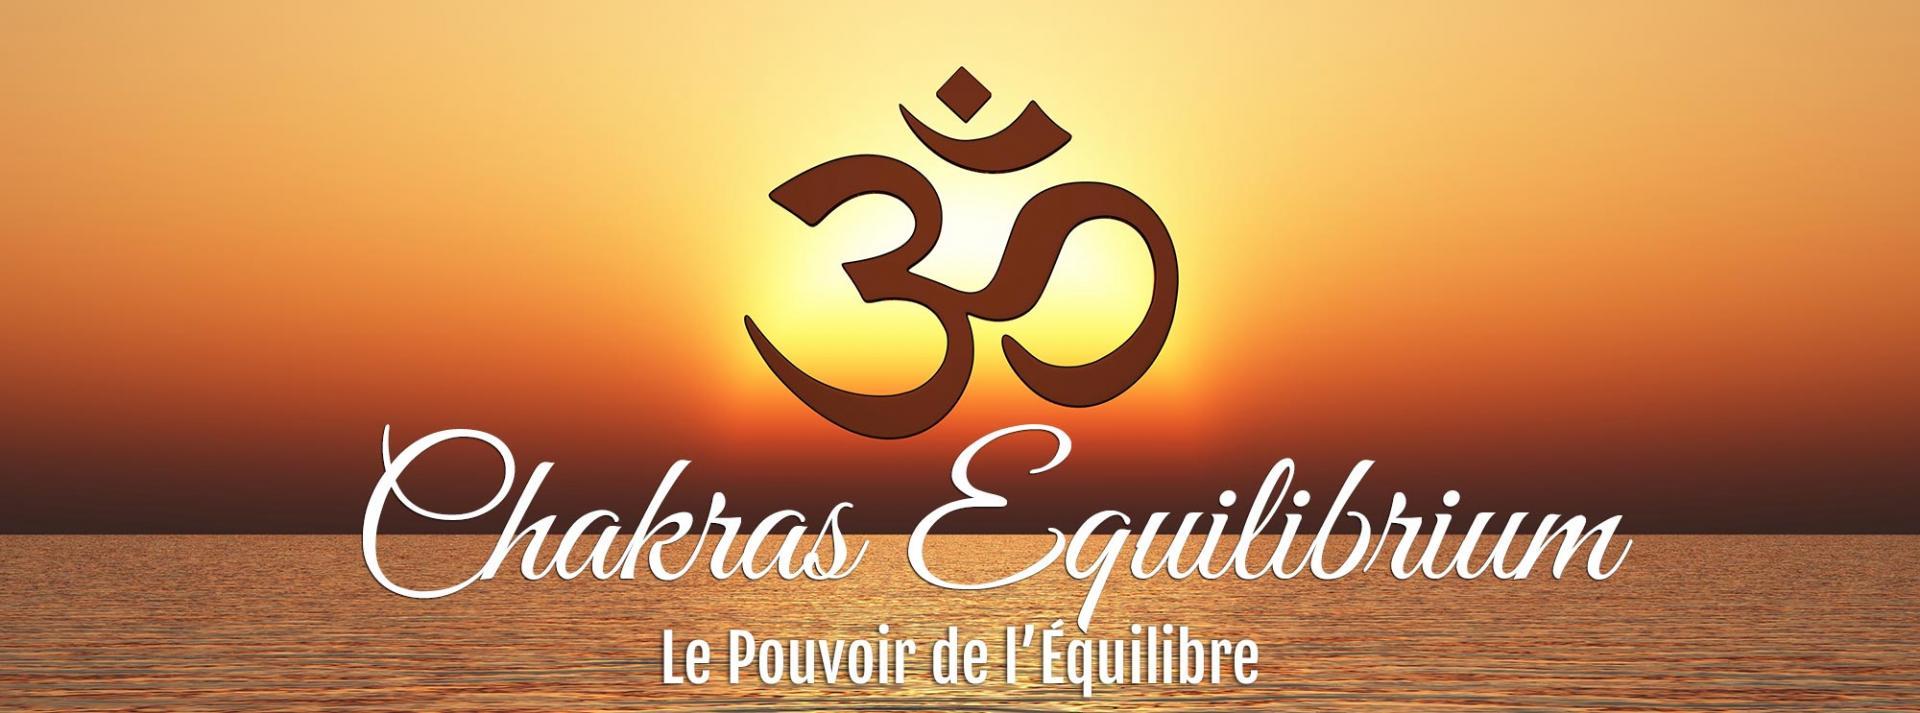 Chakras equilibrium 1311201802